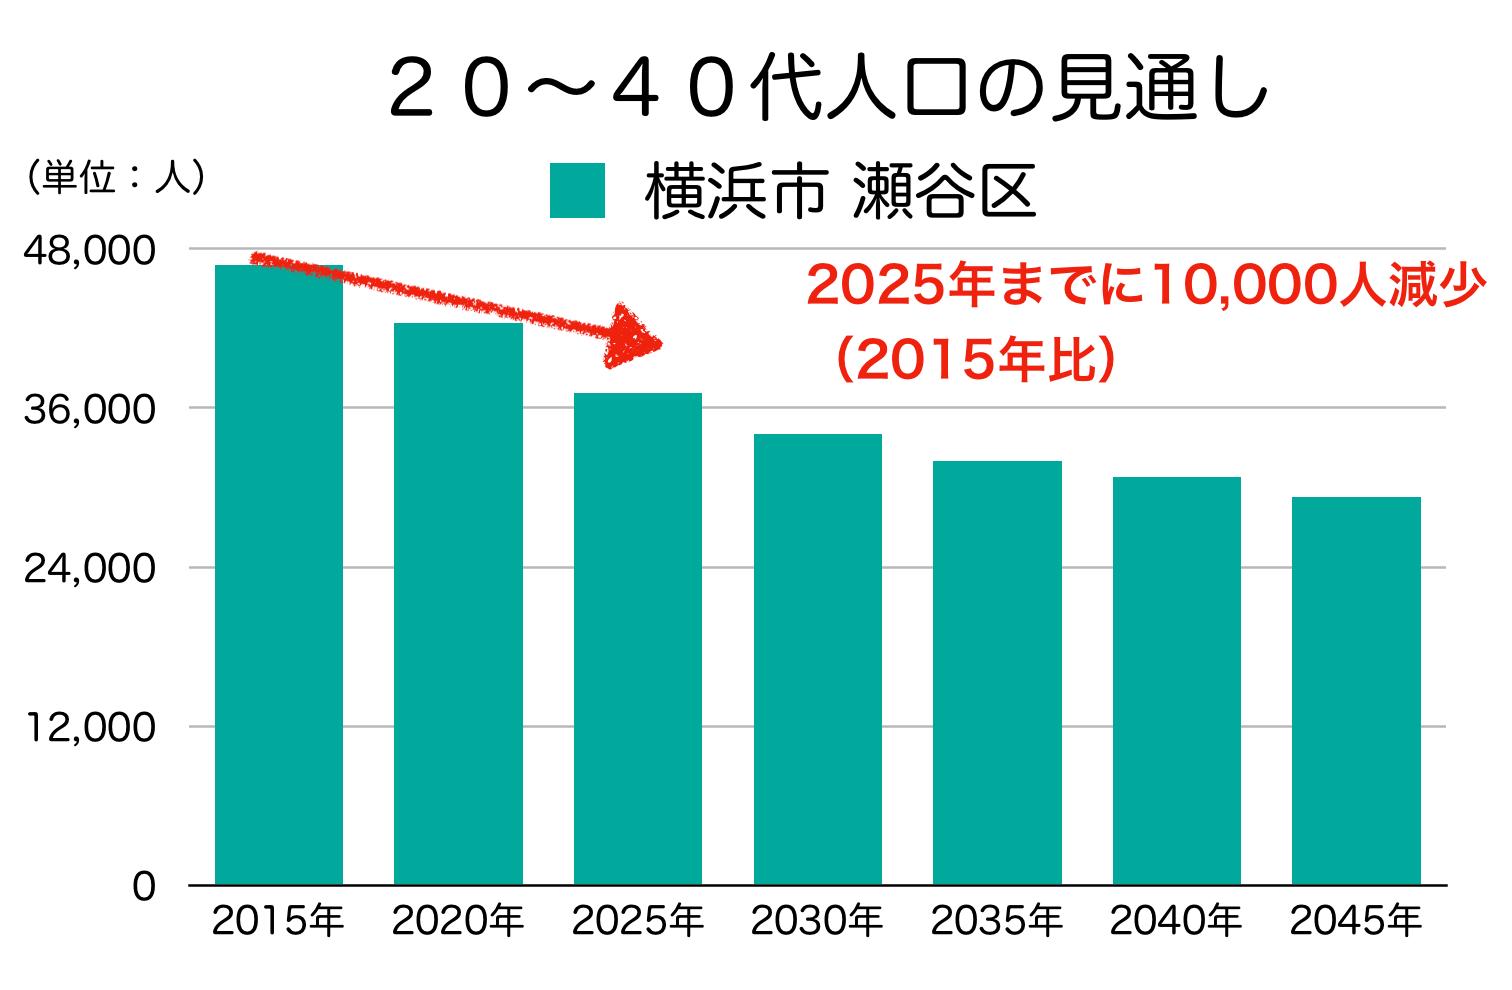 瀬谷区の20〜40代人口の予測